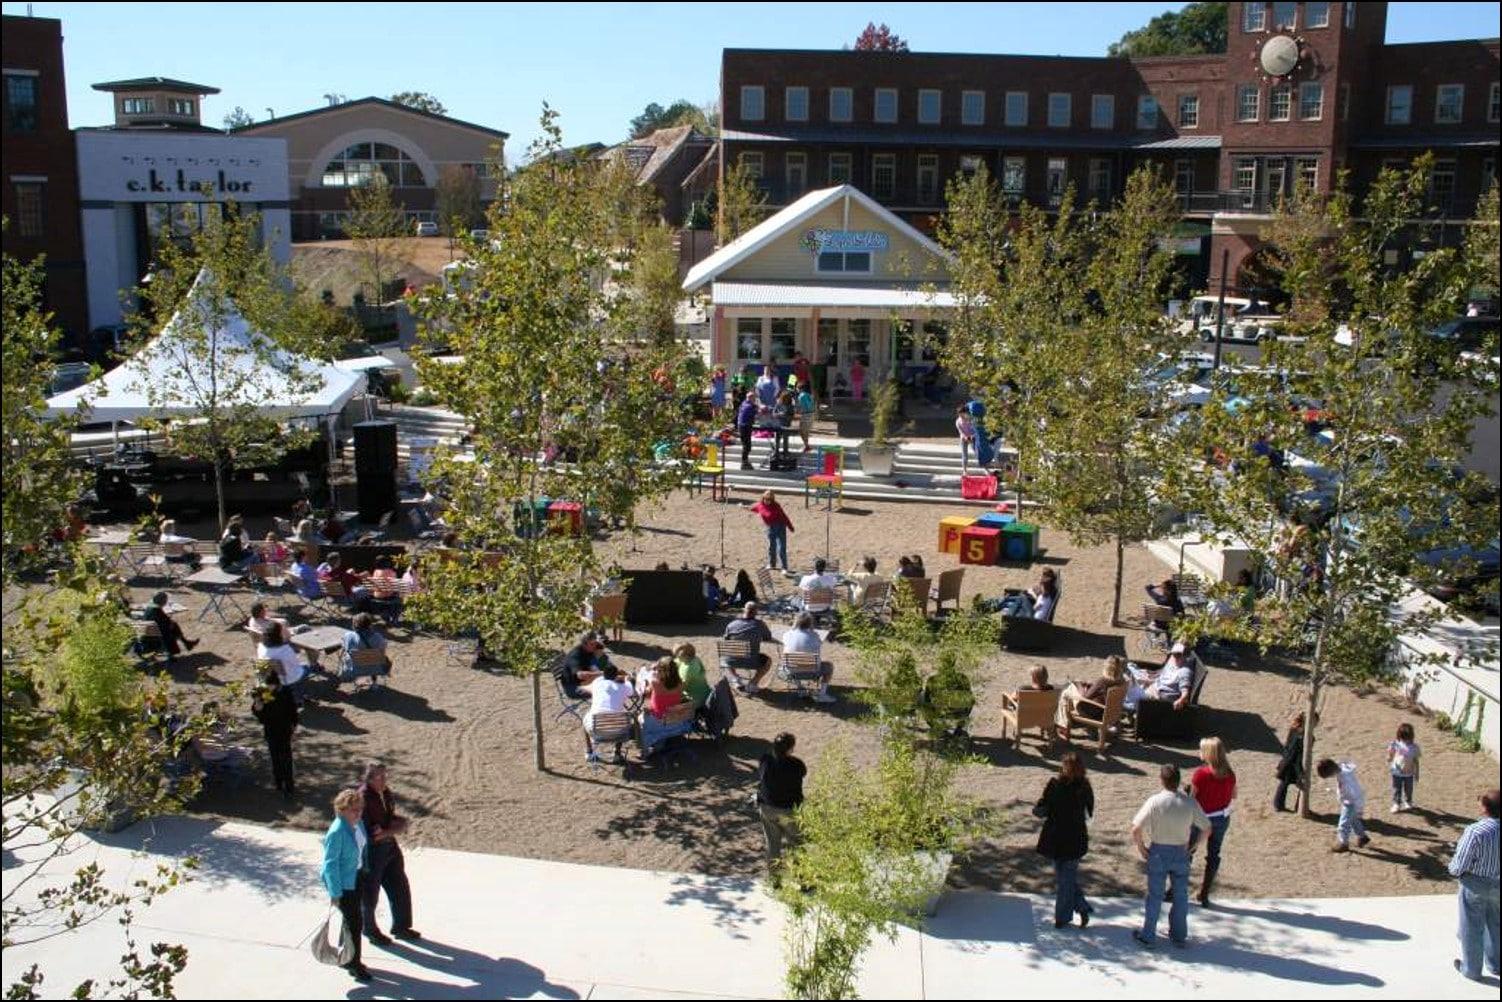 TSW Vickery-Town-Center-Streetscapes_002 Vickery Town Center Streetscapes    TSW